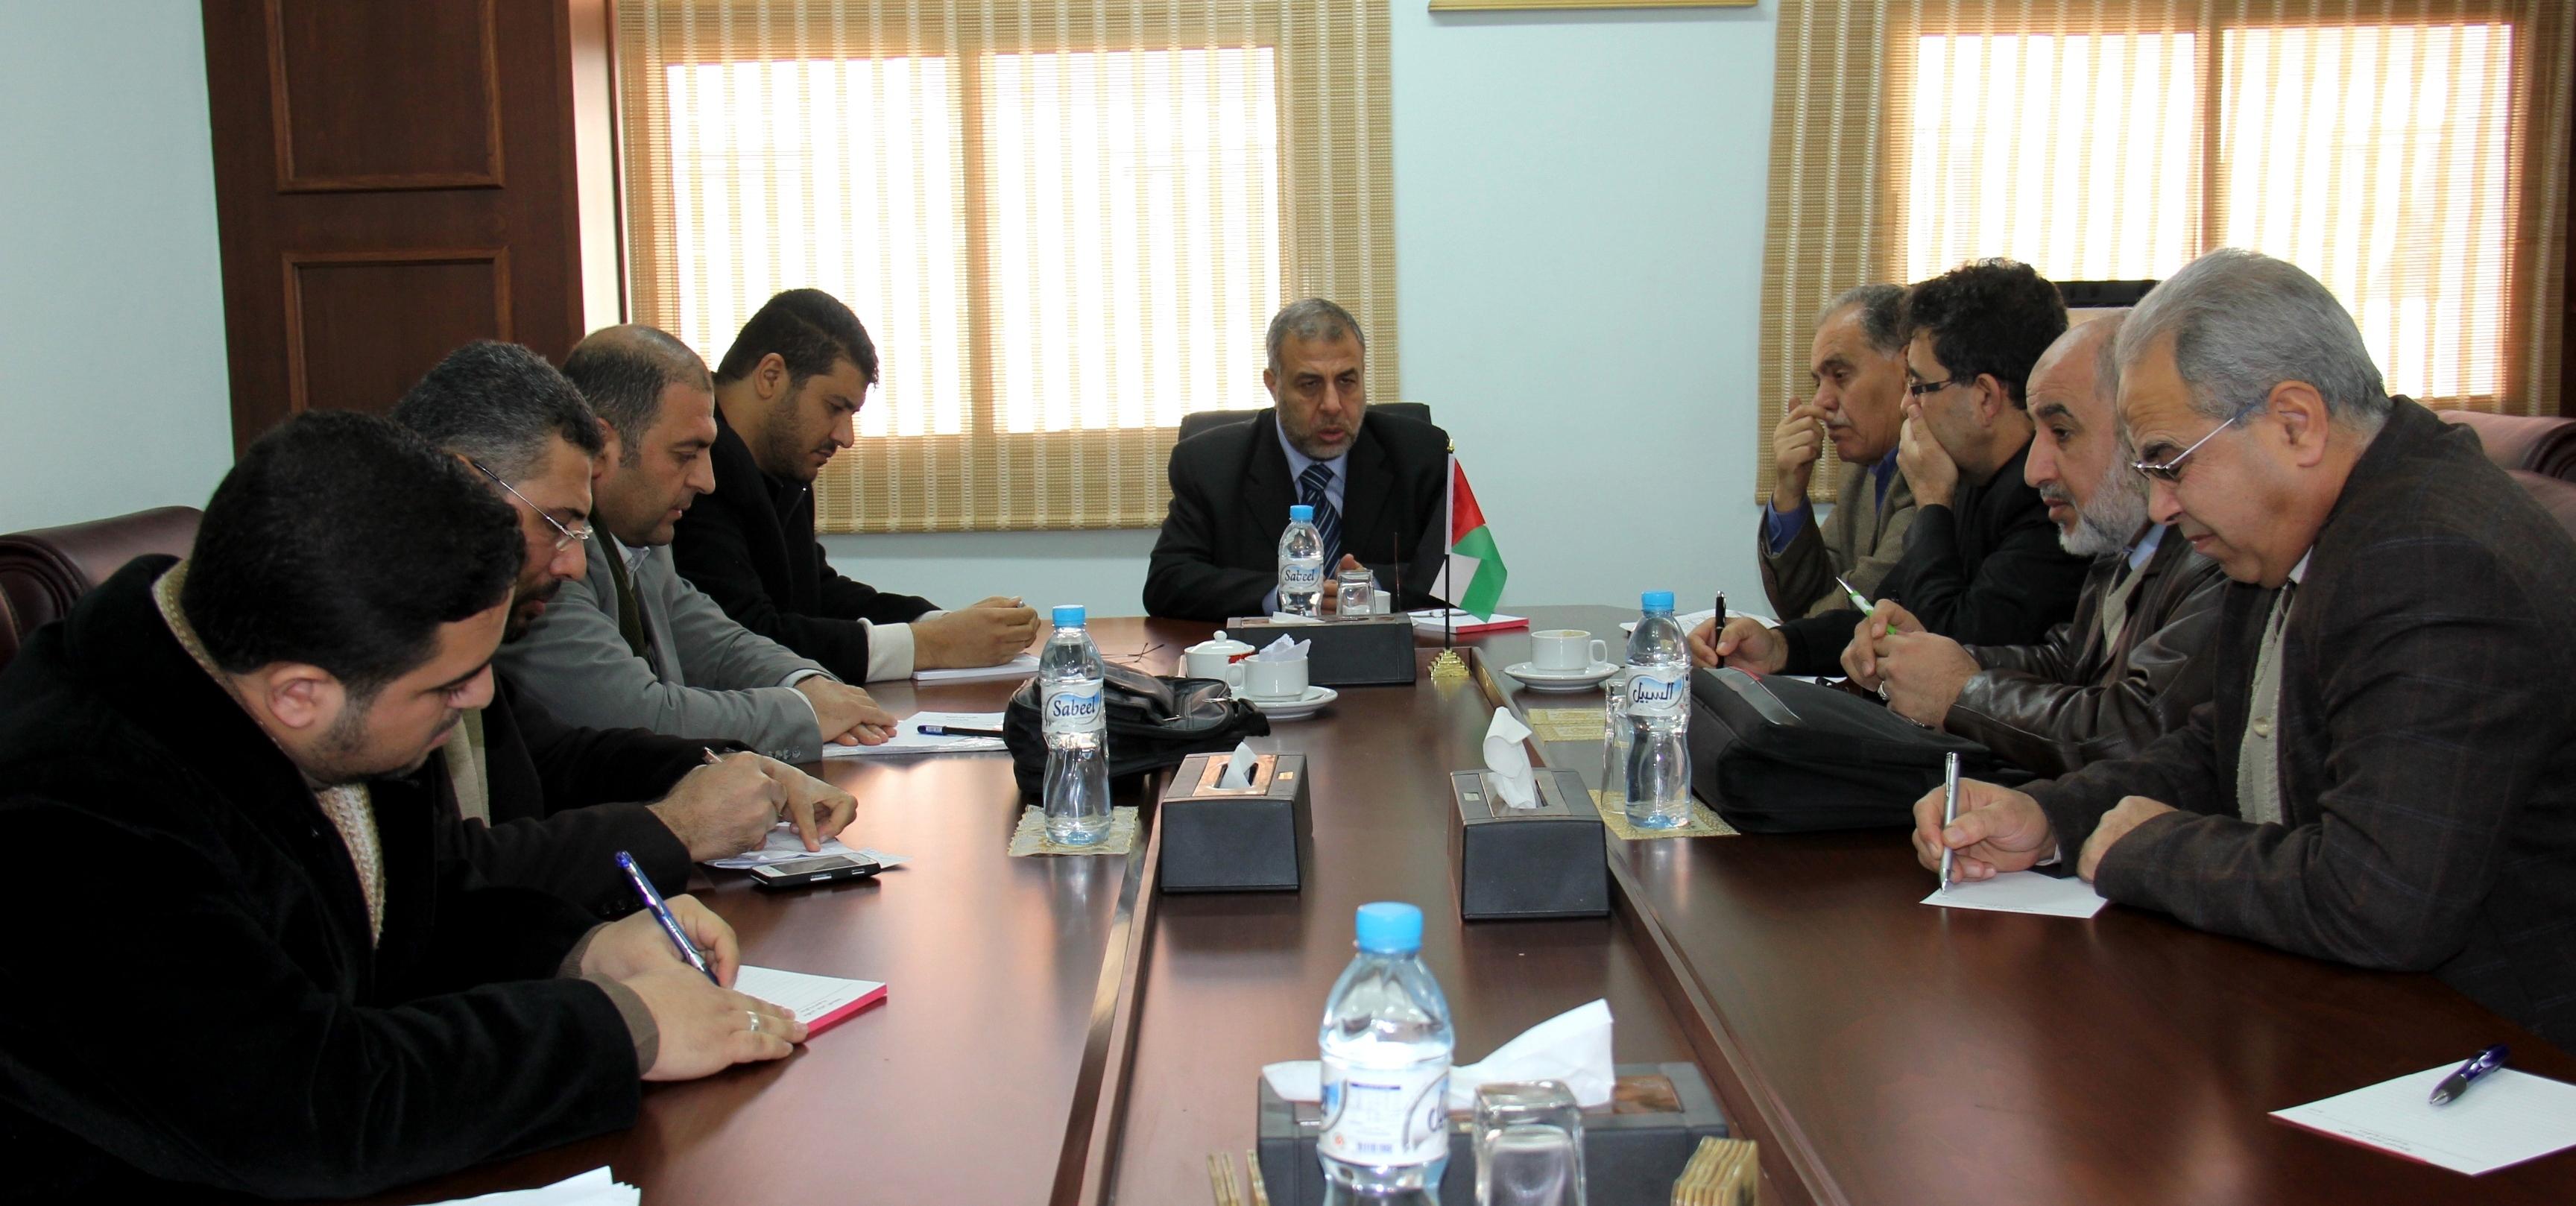 وزير الصحة يبحث تطوير الخدمات الصحية في مستشفيات محافظات شمال غزة